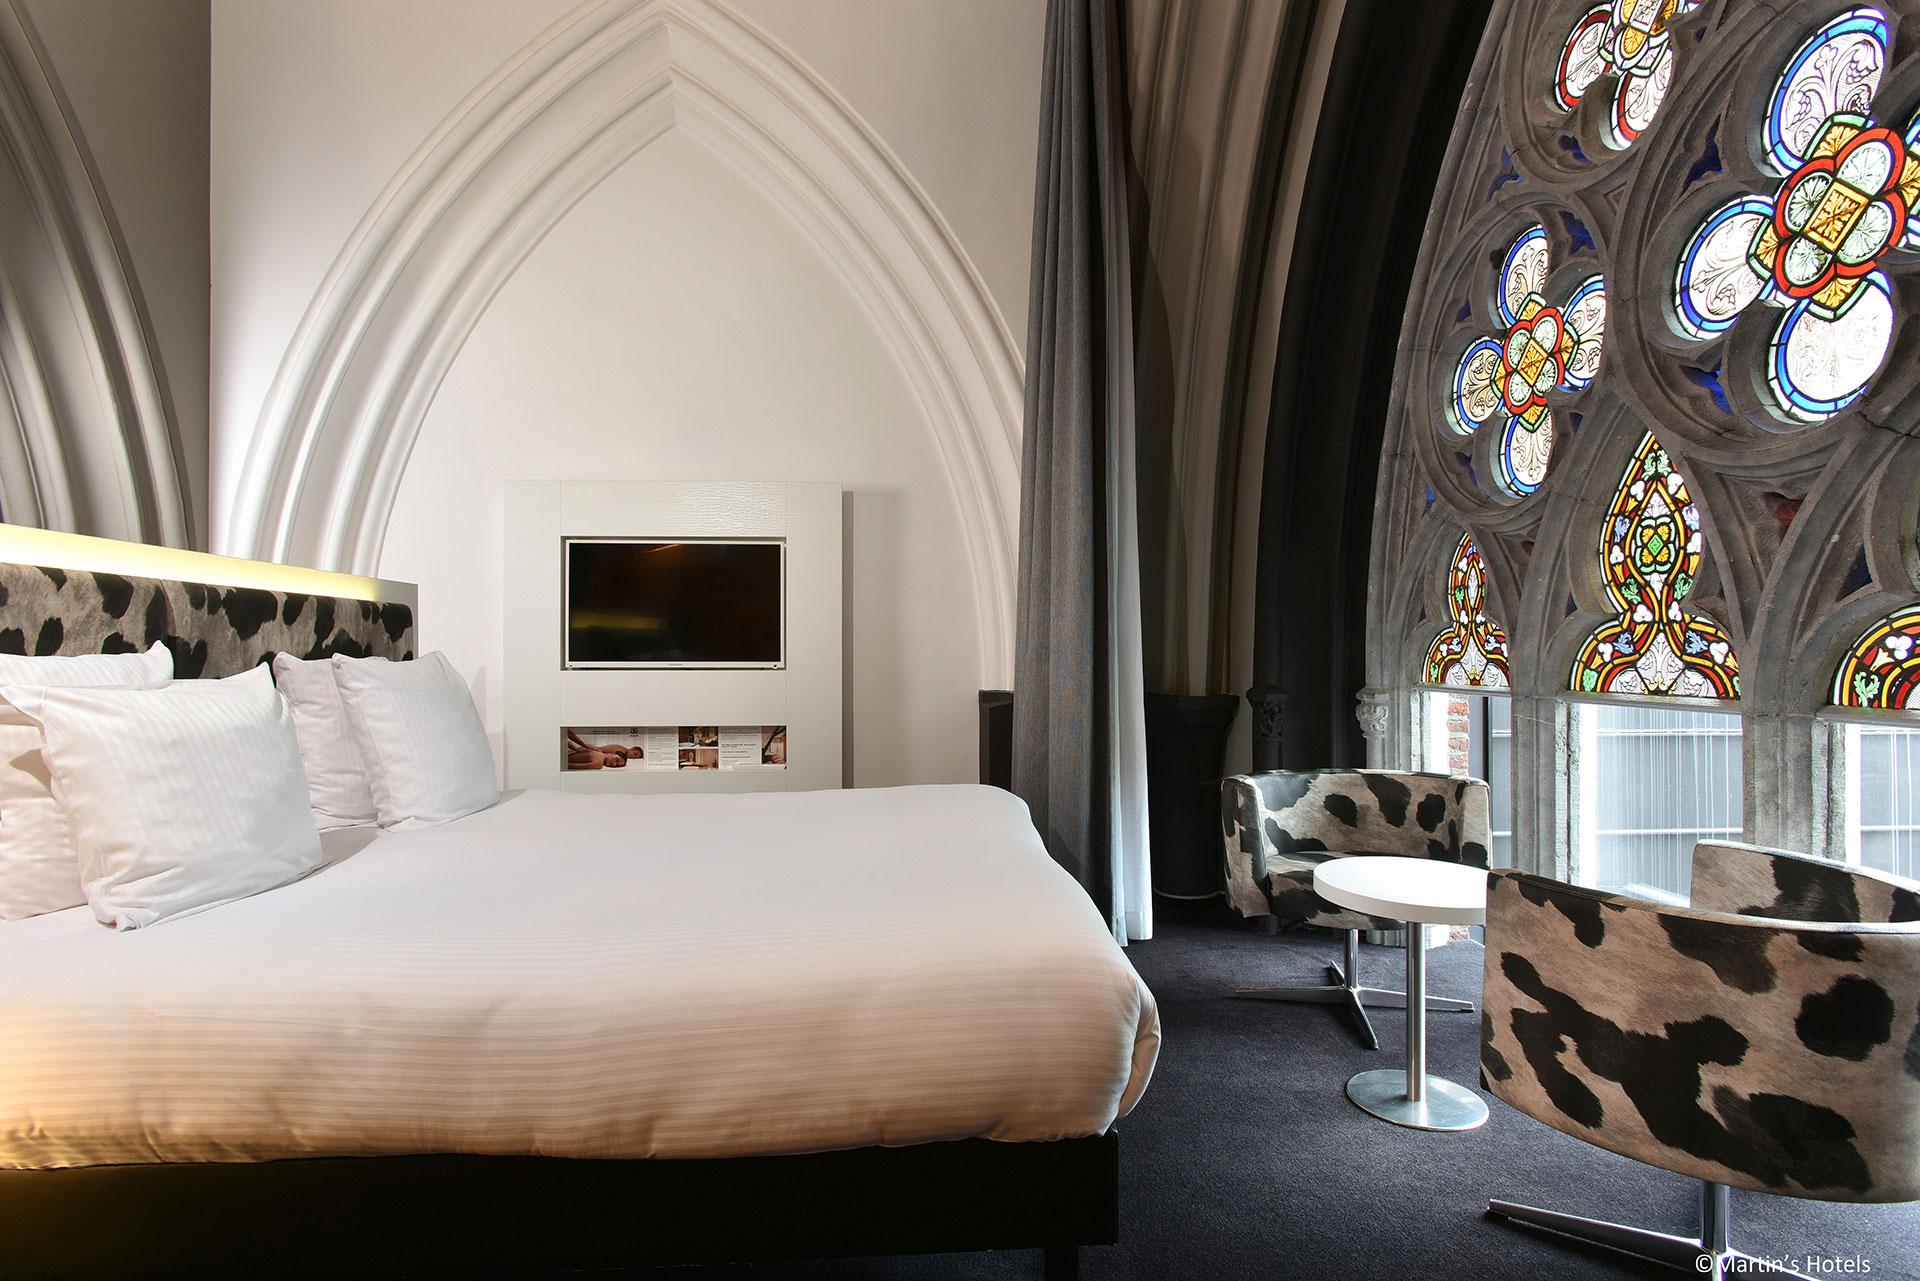 chambre double avec vitraux colorés dans le Martin's Dream Hotel à Mons.